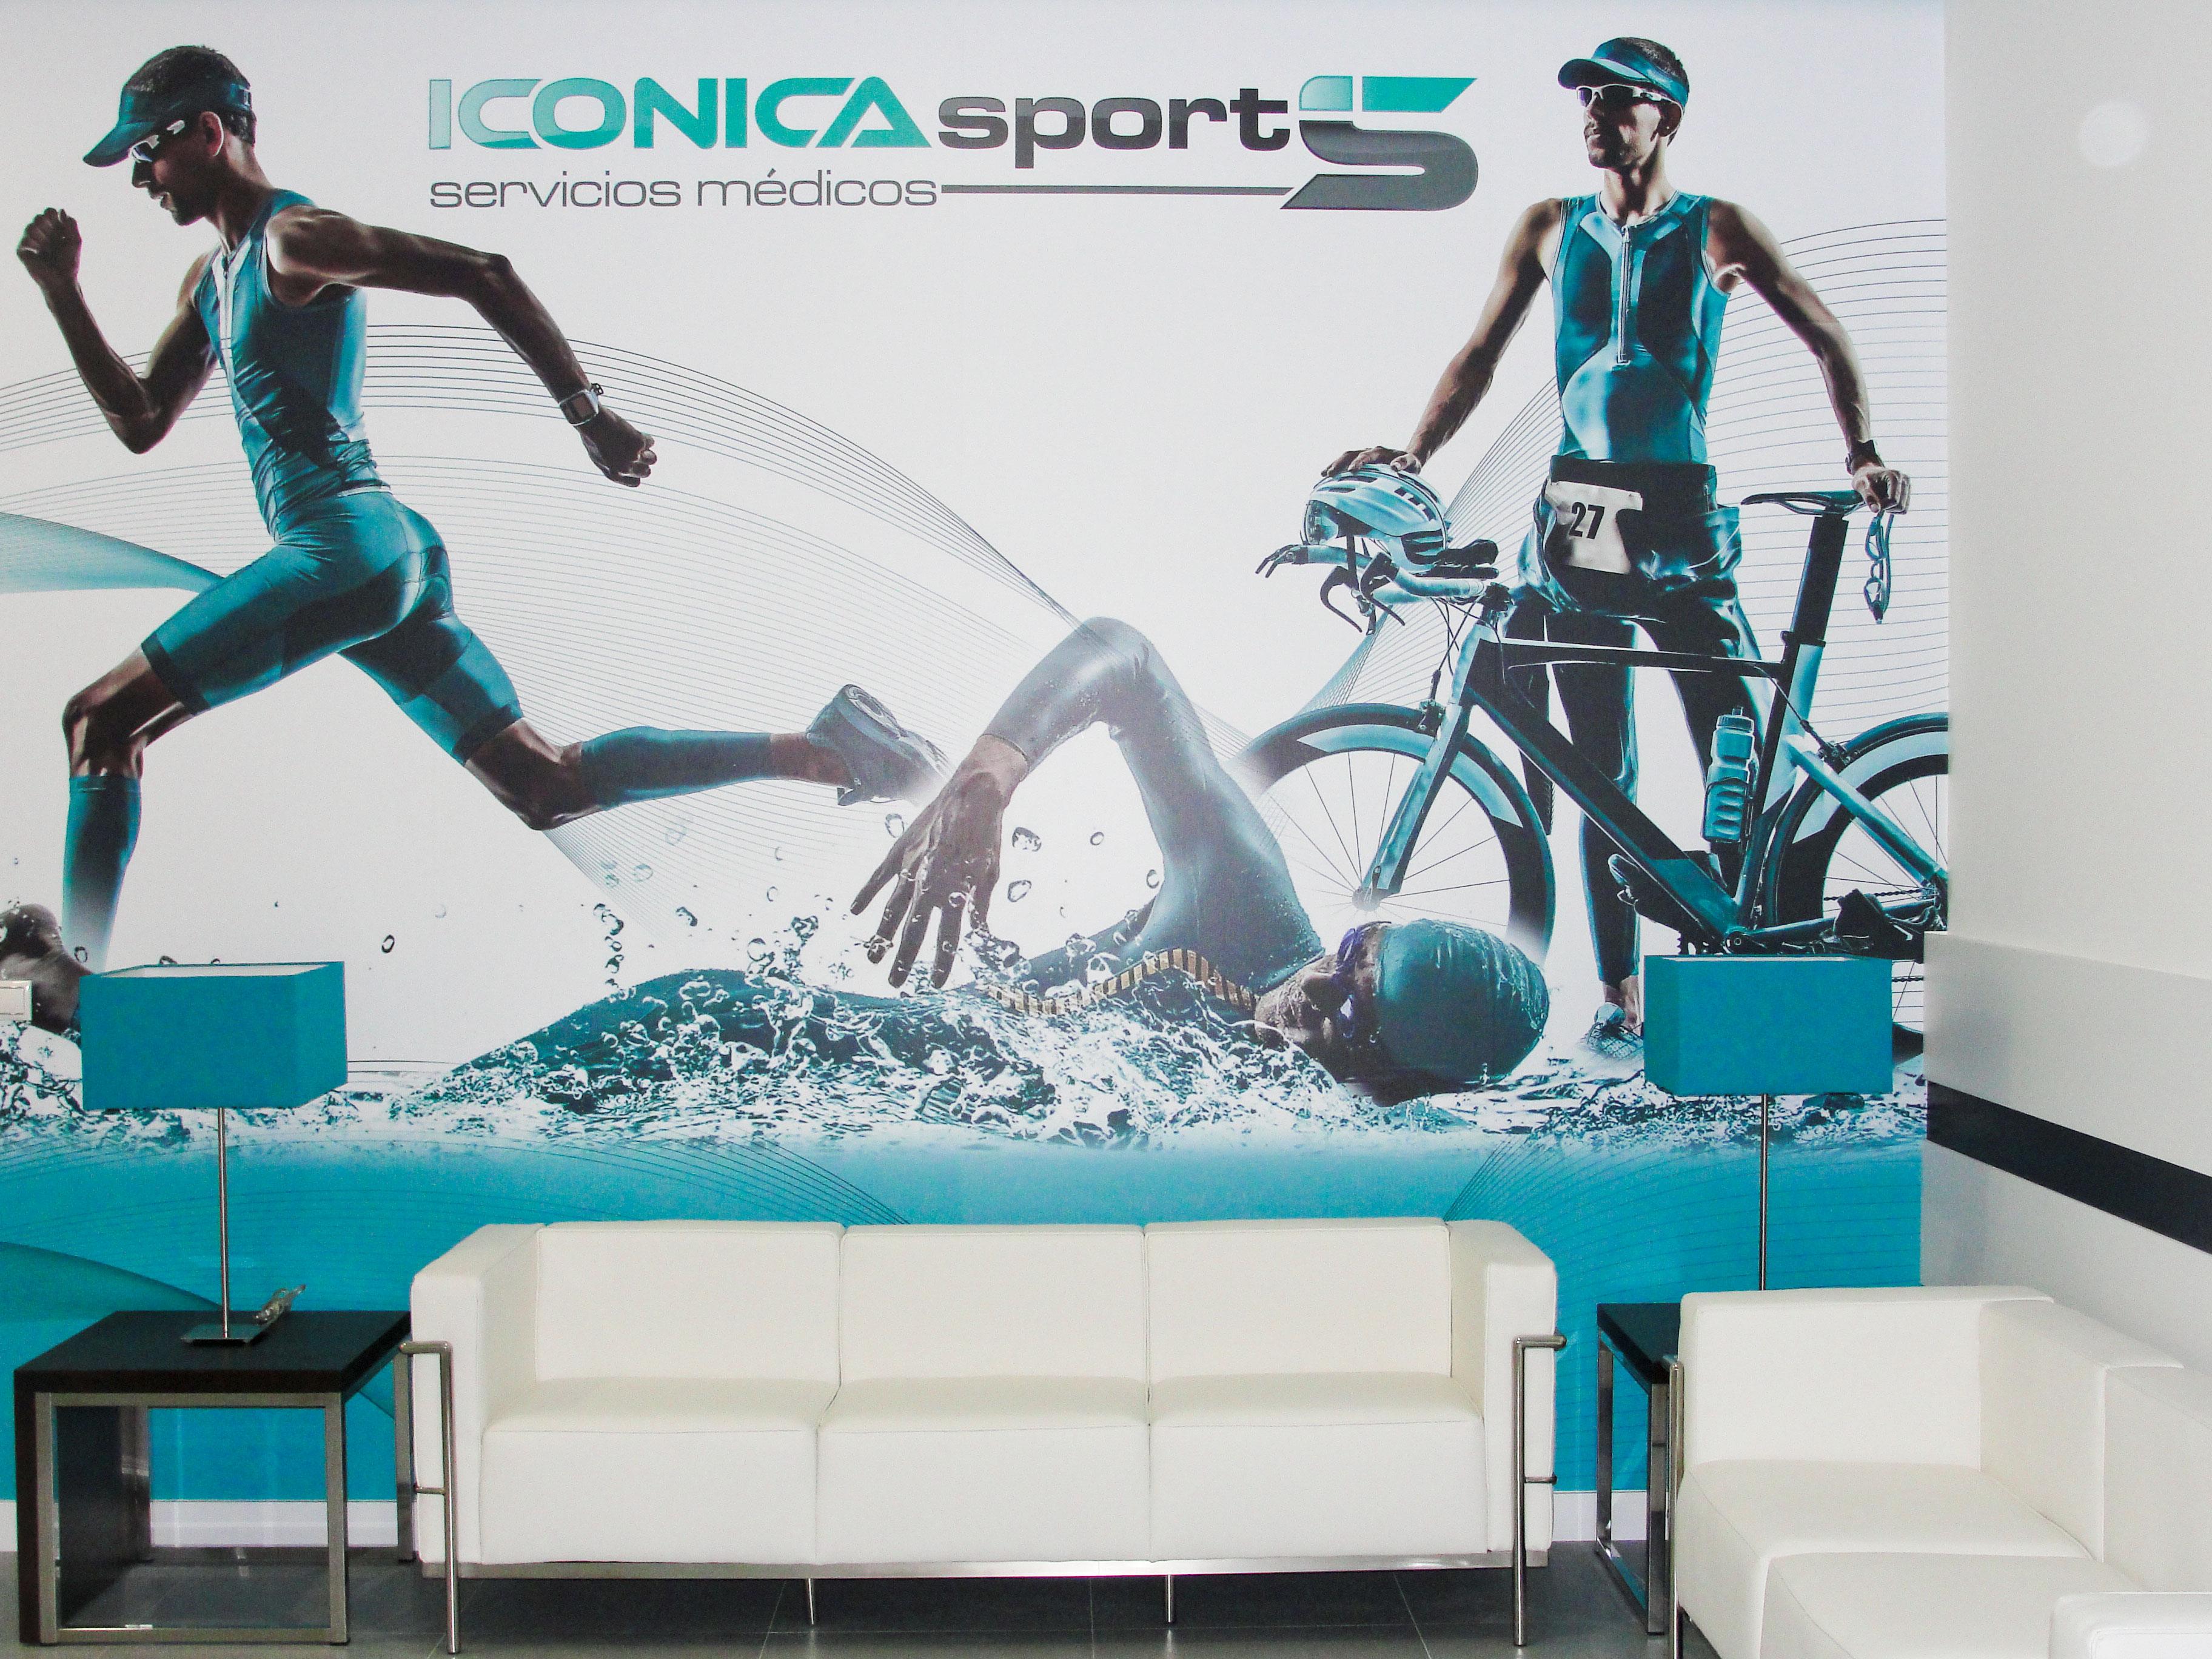 clinica medicina deportiva iconica sports. vigo